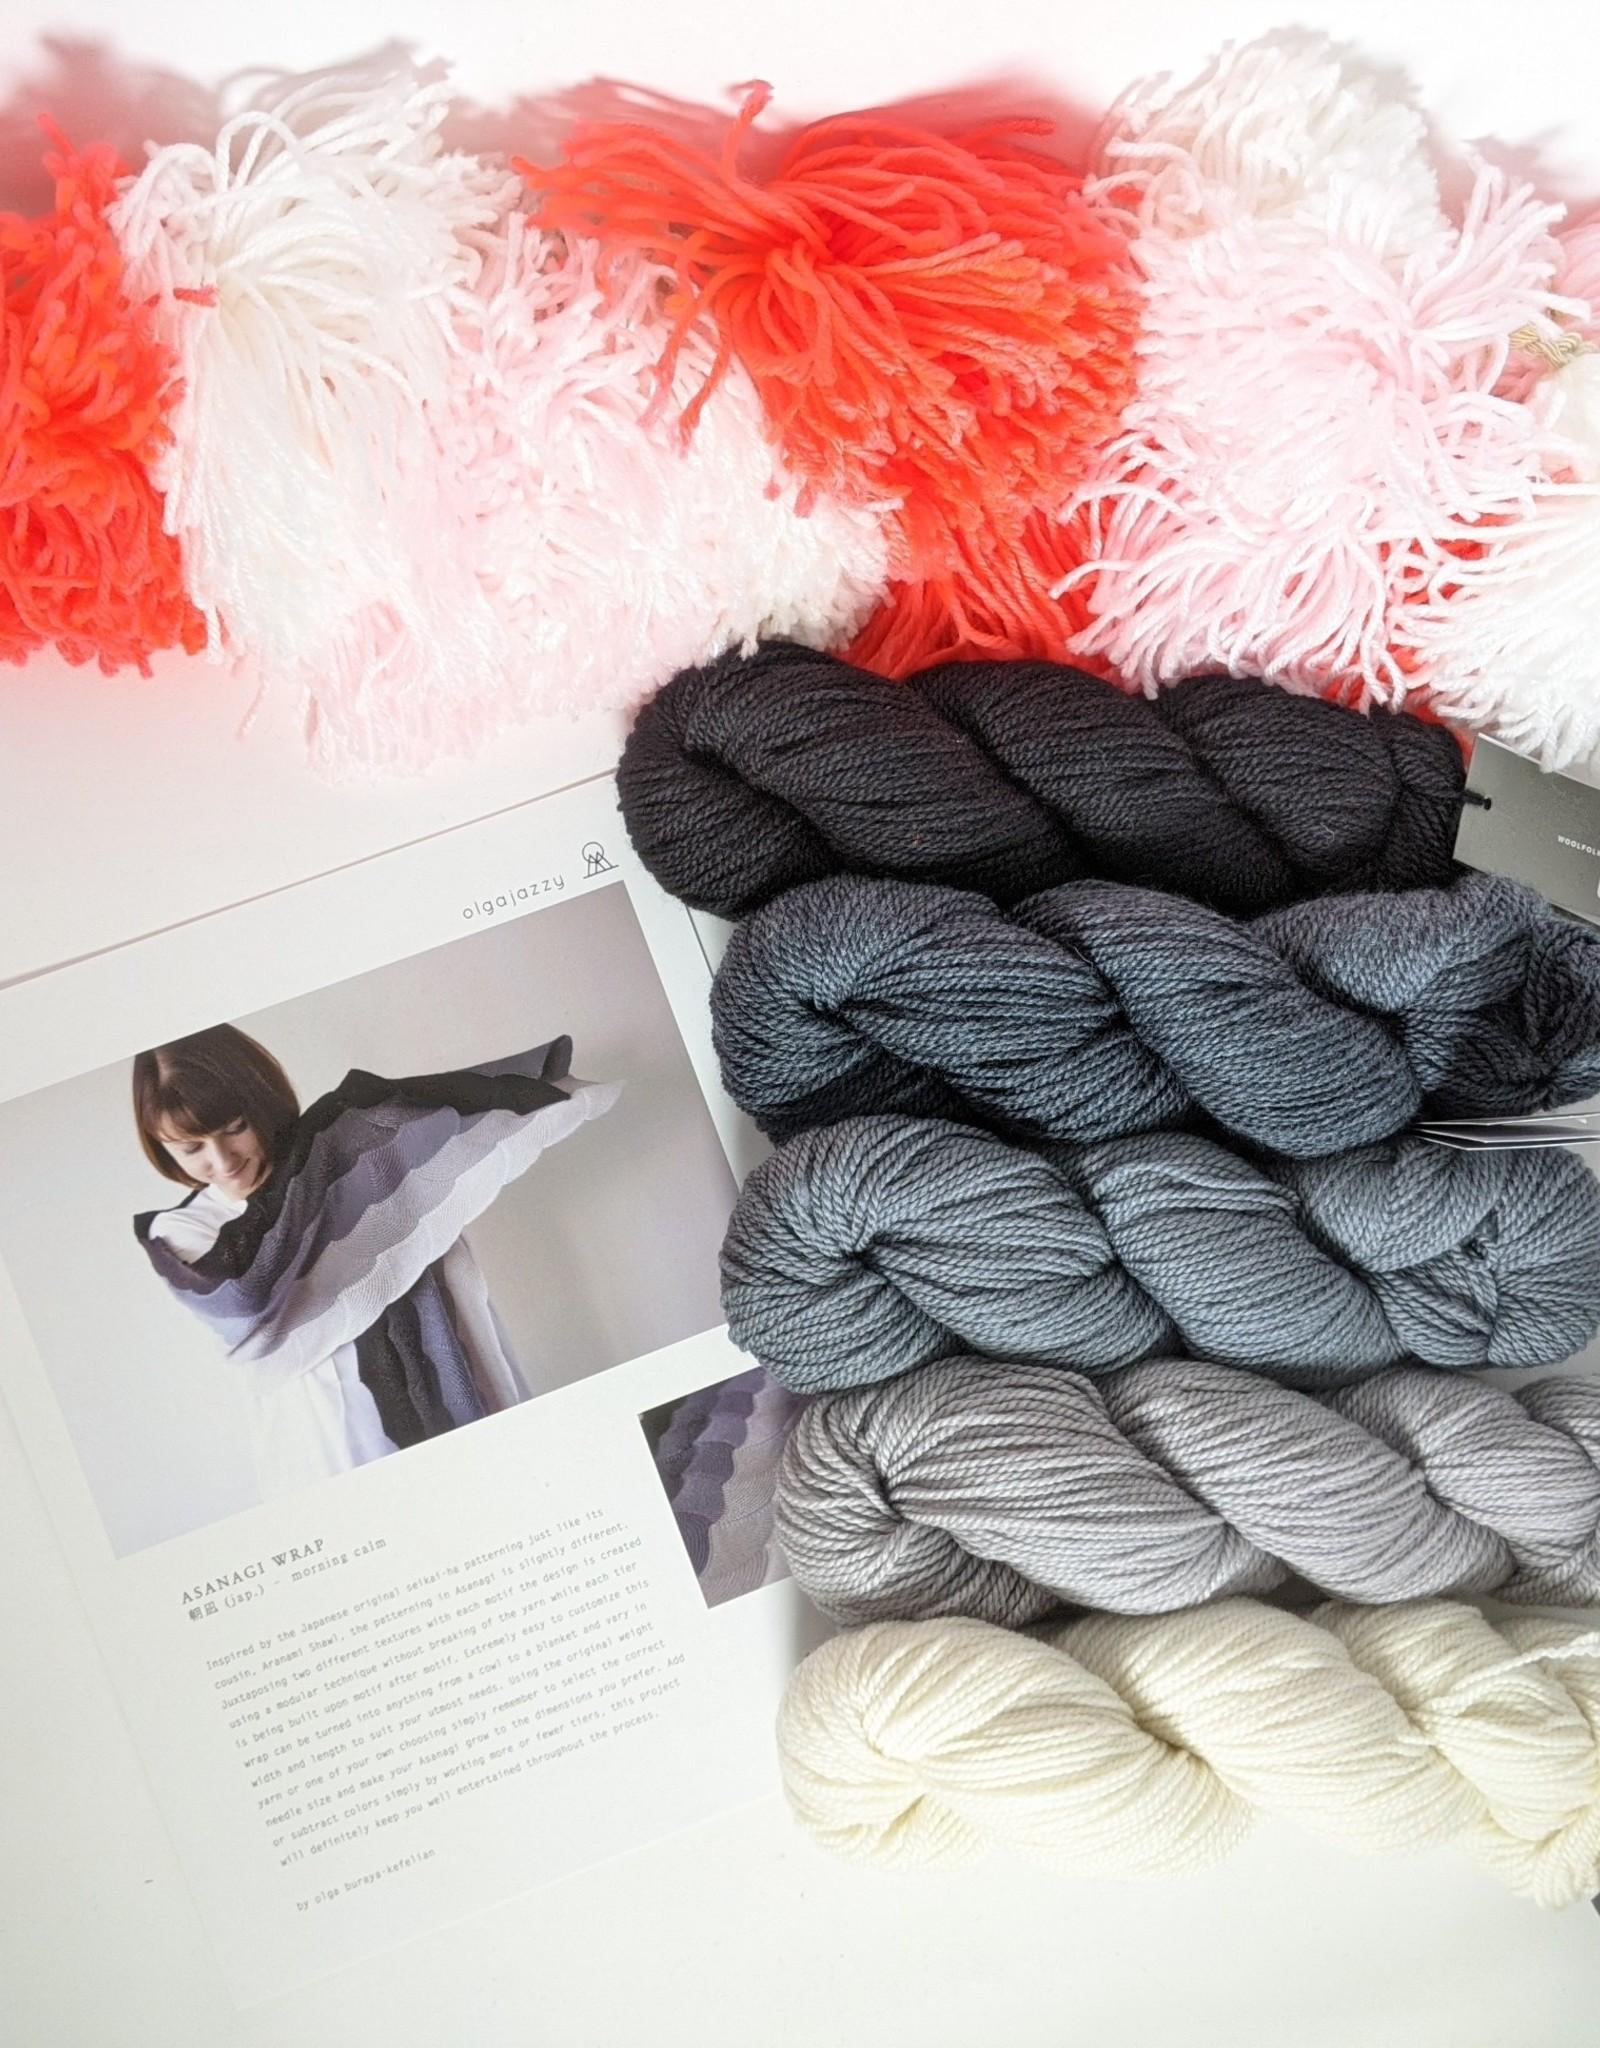 fibre space Asanagi Wrap Kit